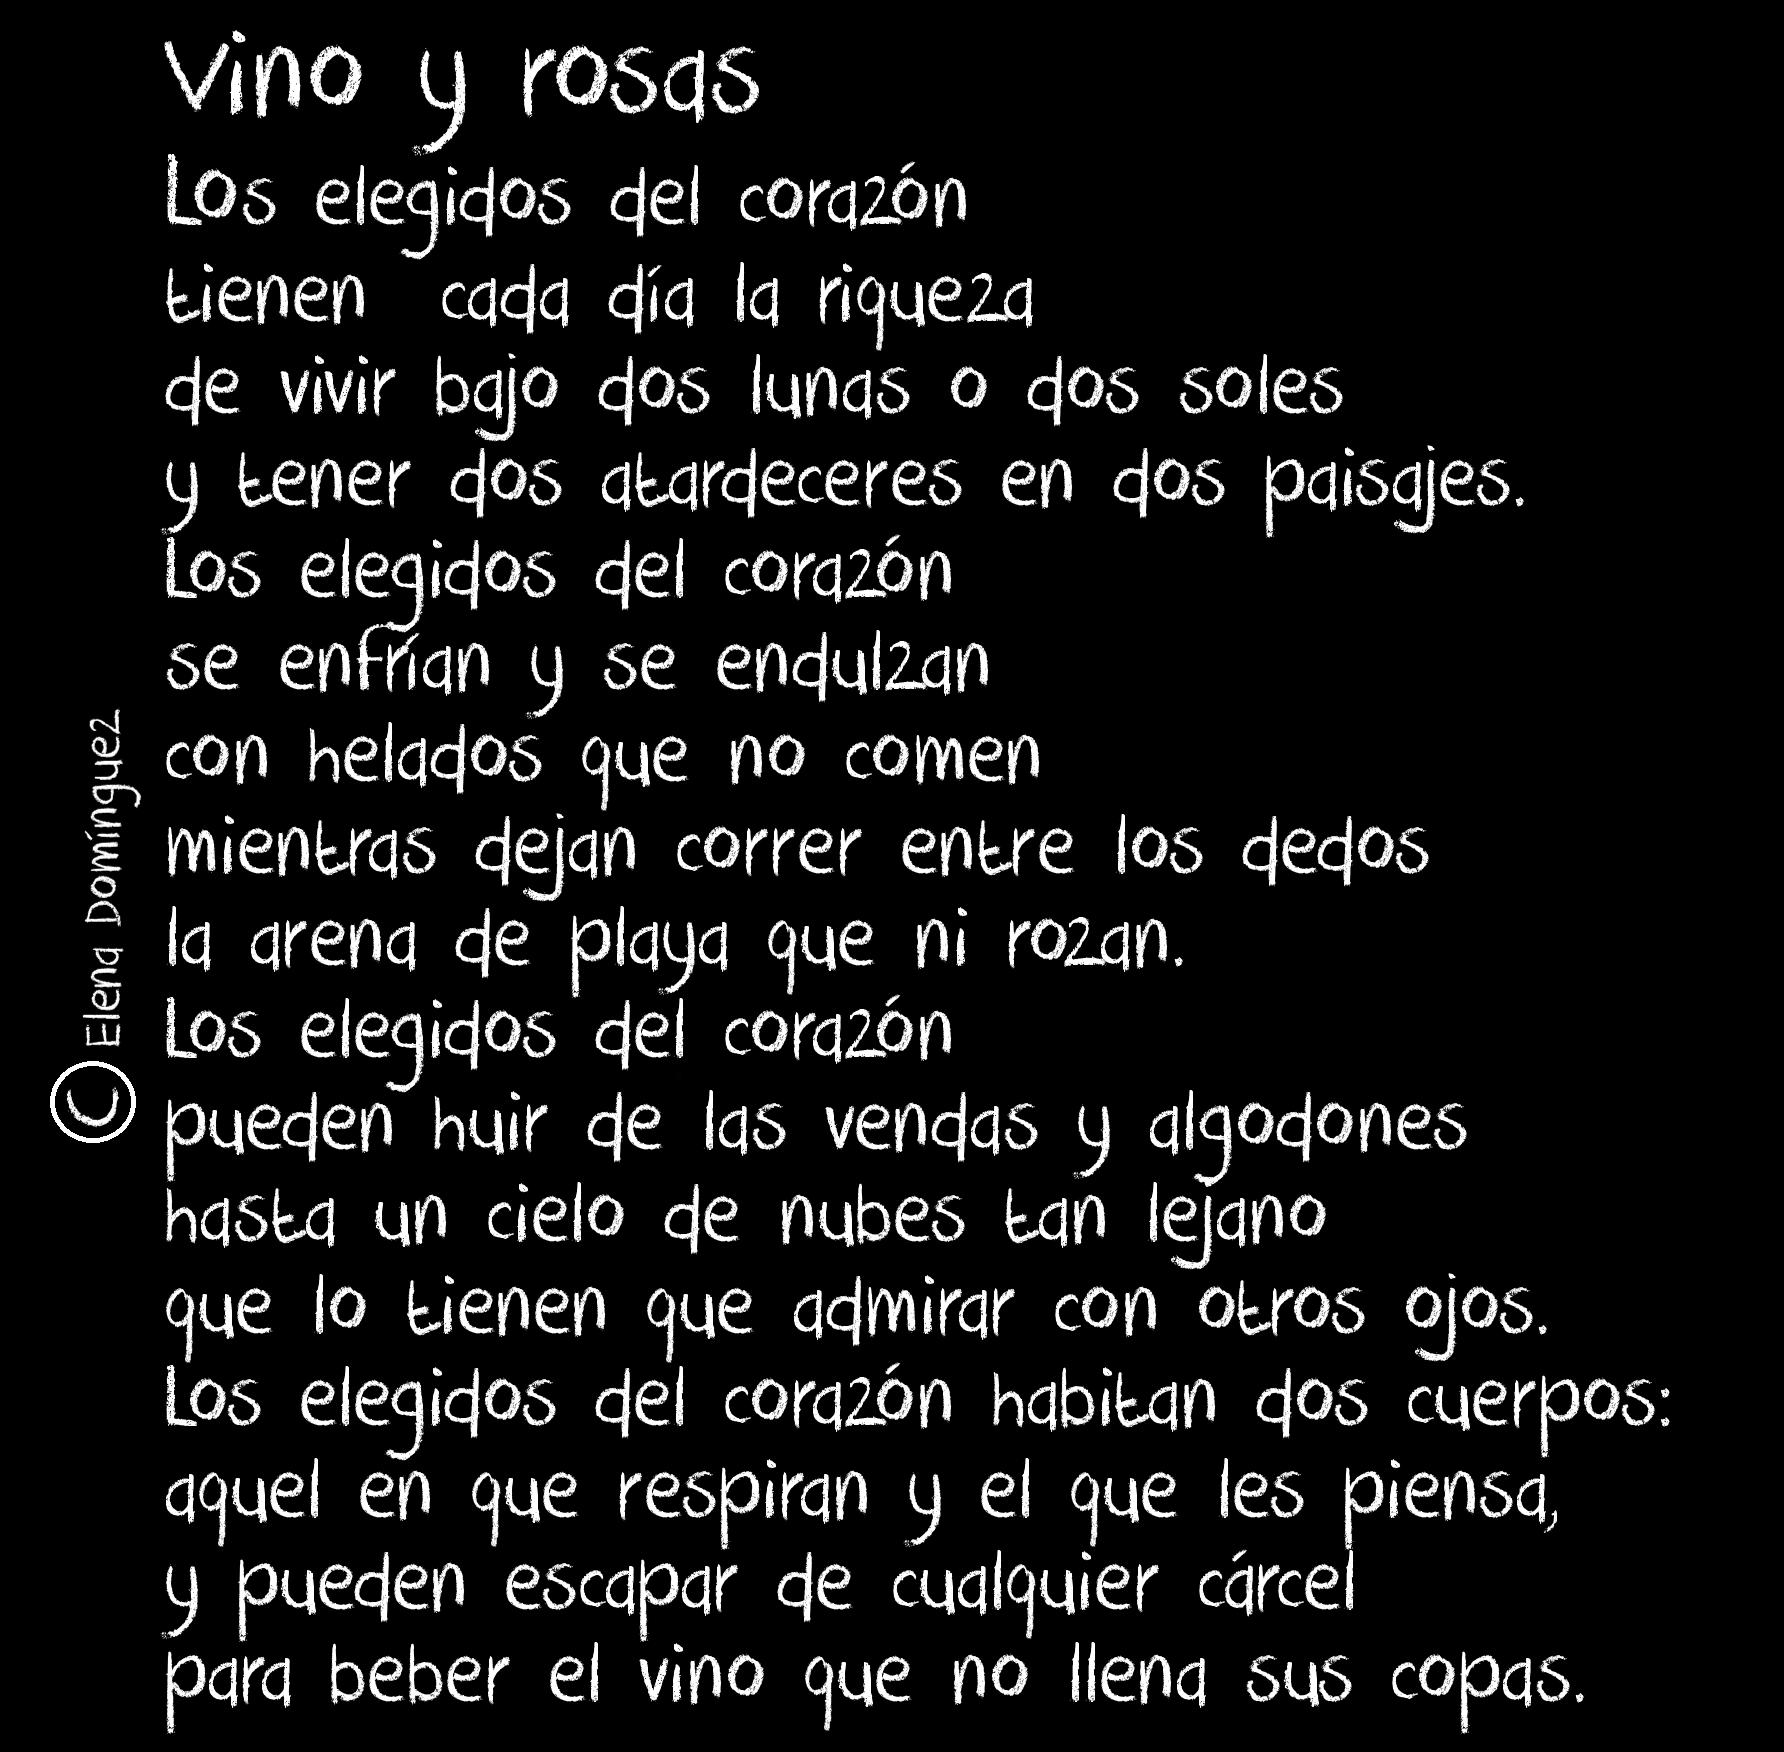 vino y rosas.jpg.... poesías de www.milesdetextos.com